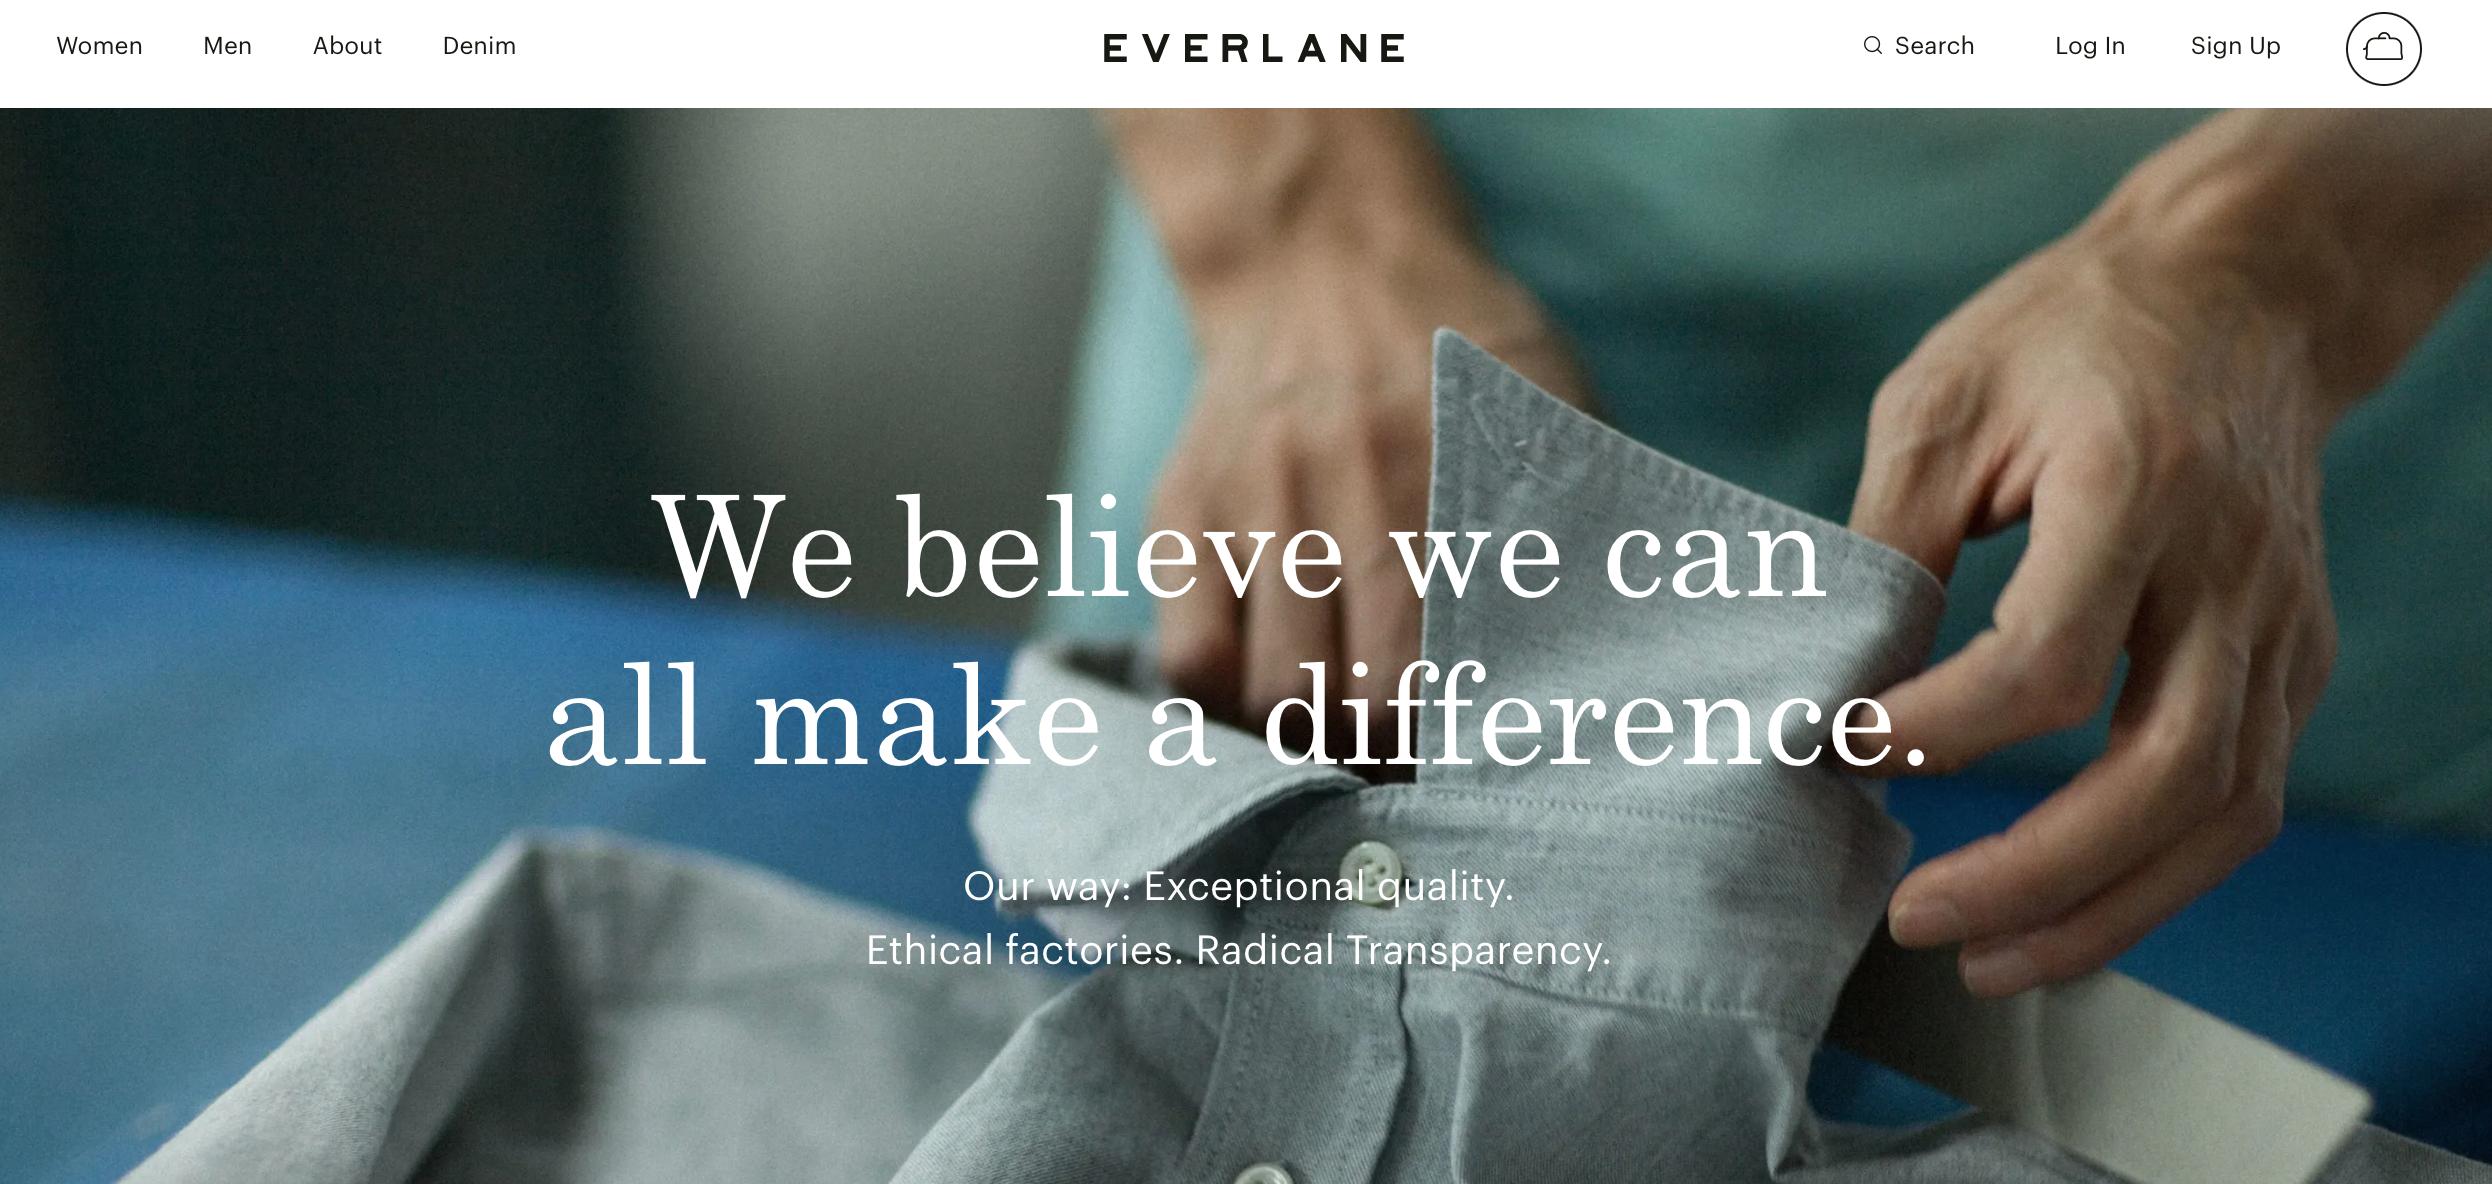 Personalidad de marca innovadora Everlane